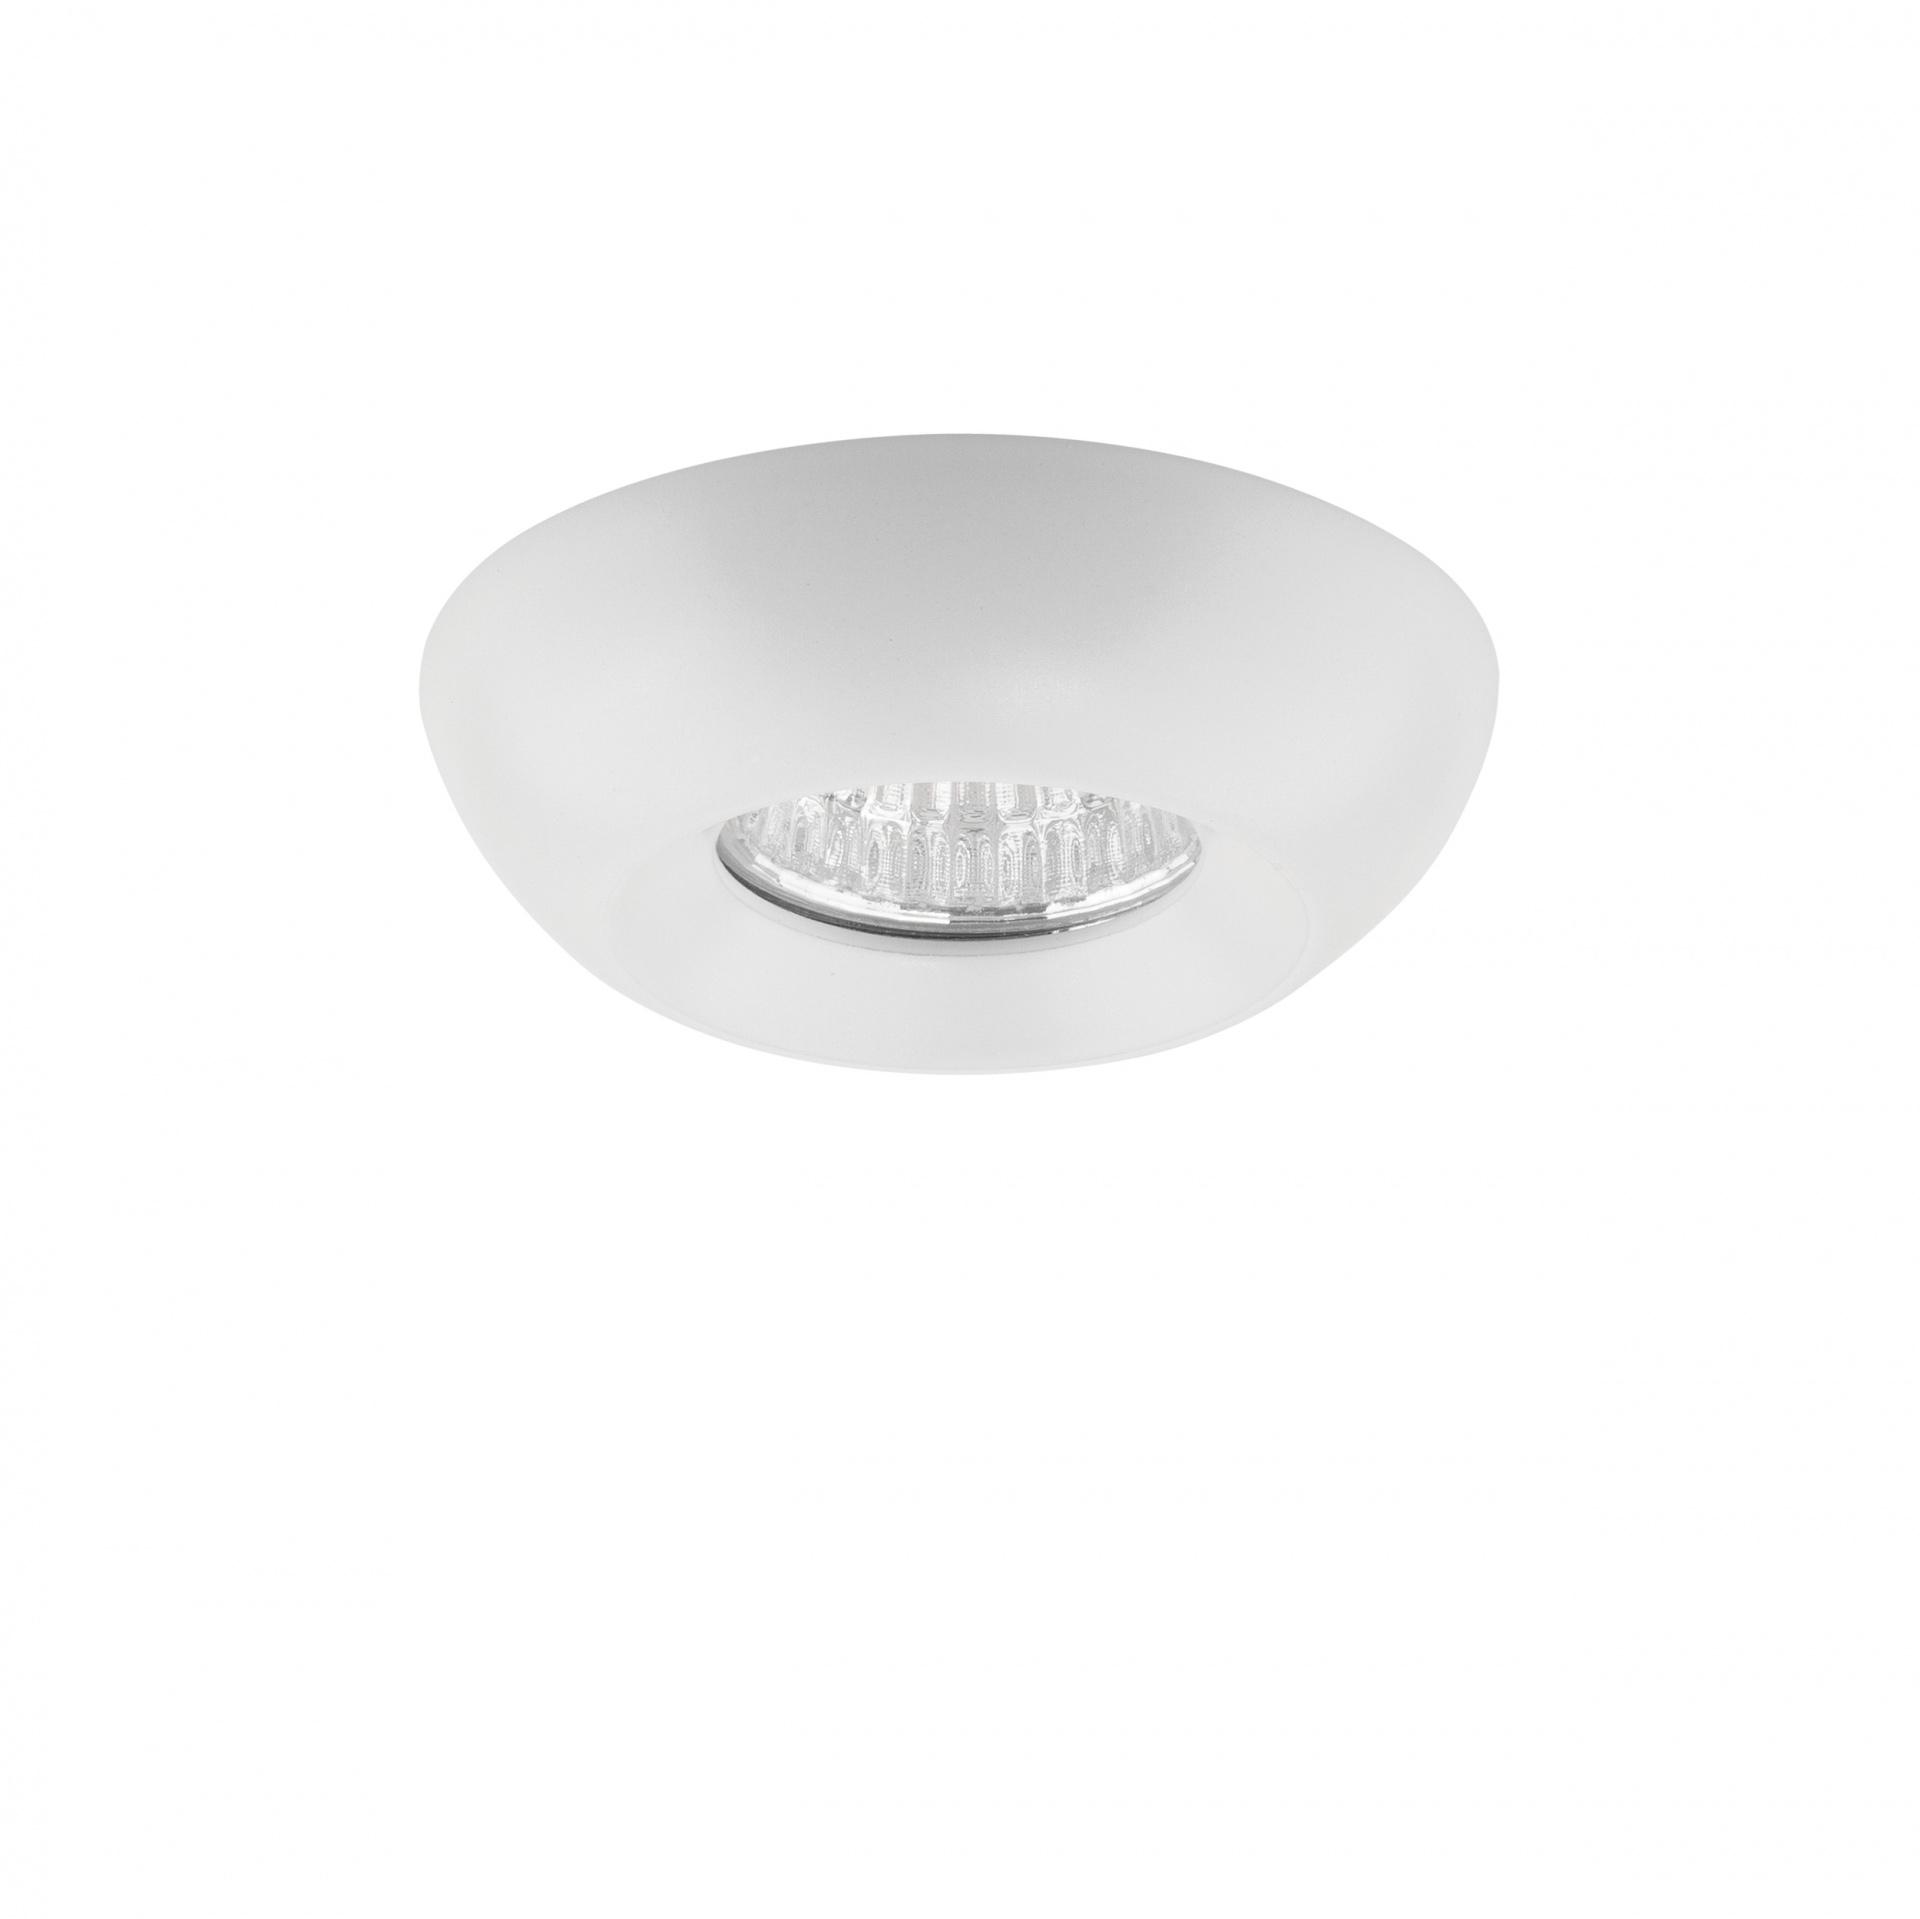 Светильник Monde LED 3W 240LM 30G белый 3000K Lightstar 071036, купить в СПб, Москве, с доставкой, Санкт-Петербург, интернет-магазин люстр и светильников Starlight, фото в жизни